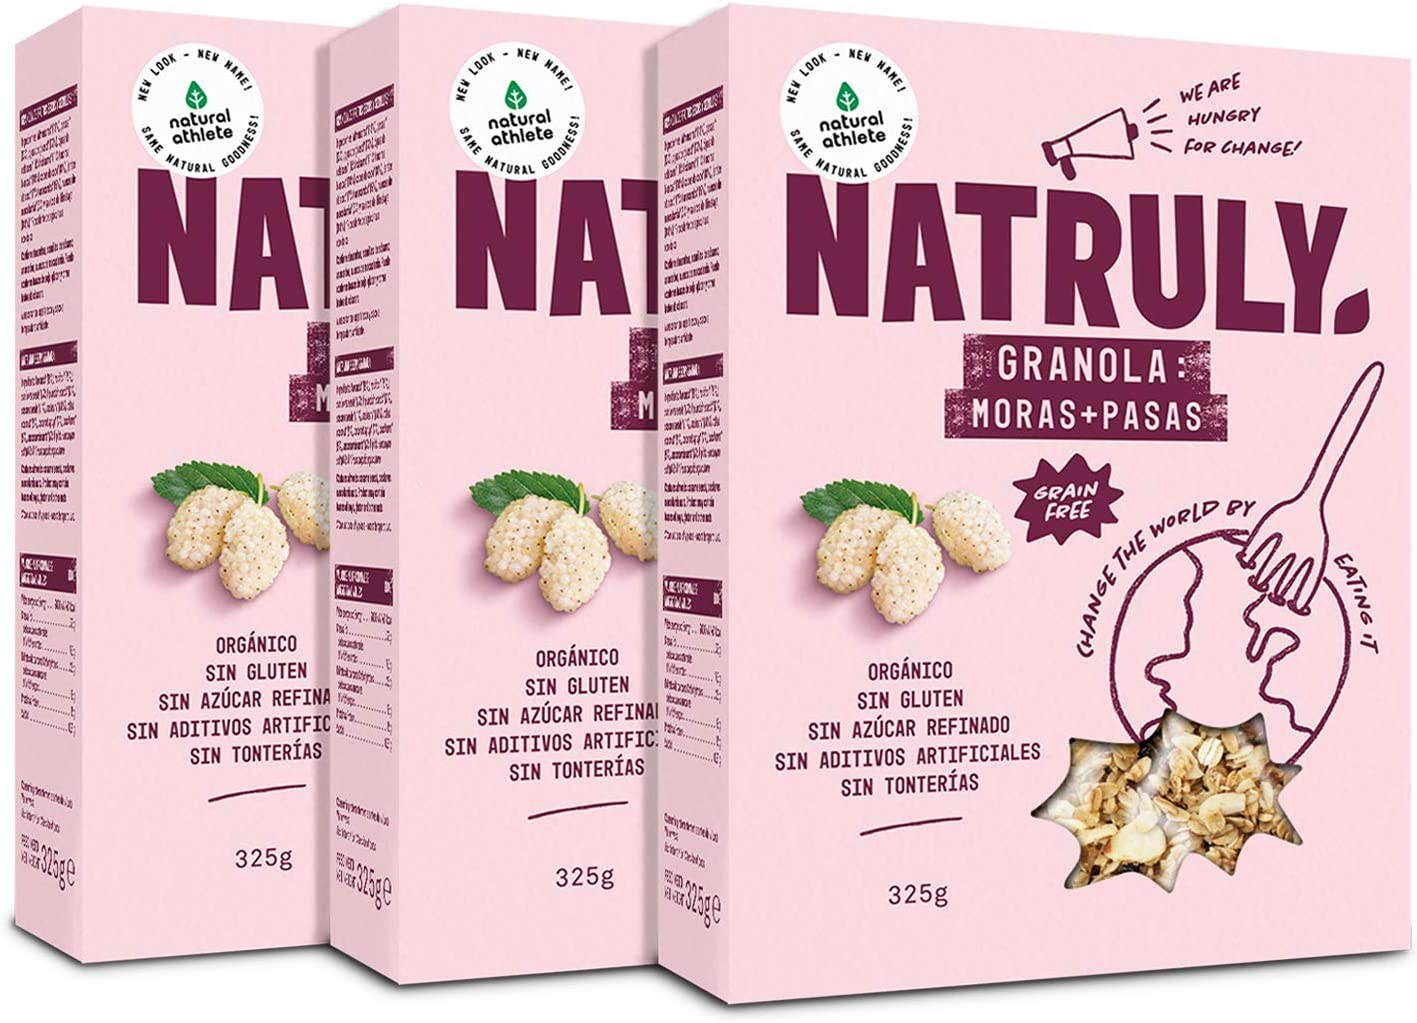 NATRULY Granola BIO de Frutos Secos y Semillas Sin Cereales, Sin Gluten y Sin Azúcar Refinado, Vegana, Sabor Moras y Pasas -Pack3x325g